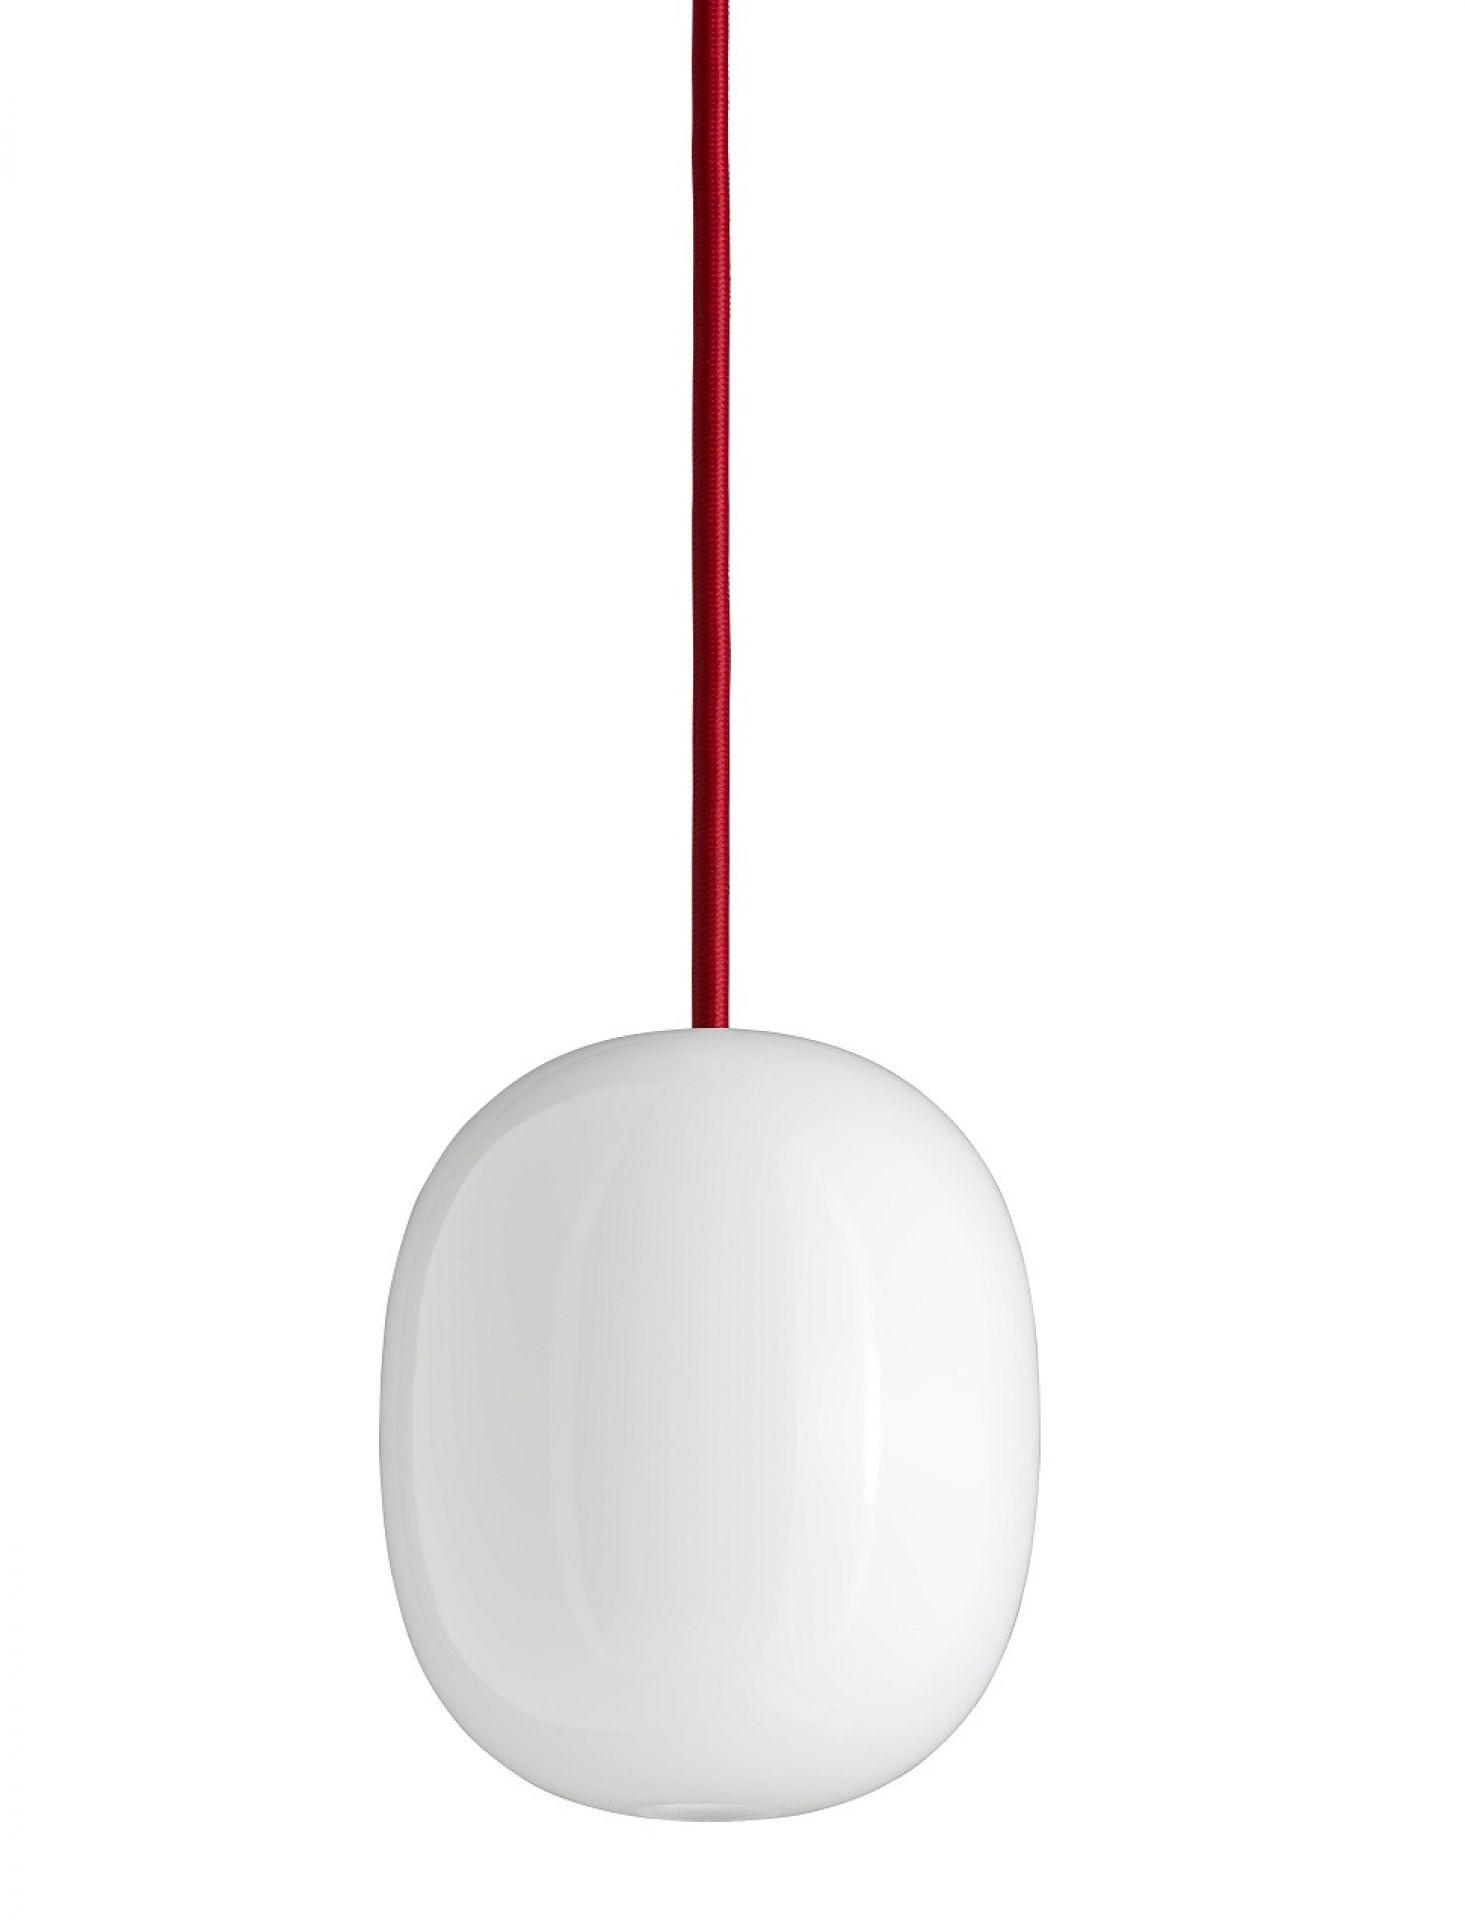 Superegg-lamp Hängeleuchte Piet Hein